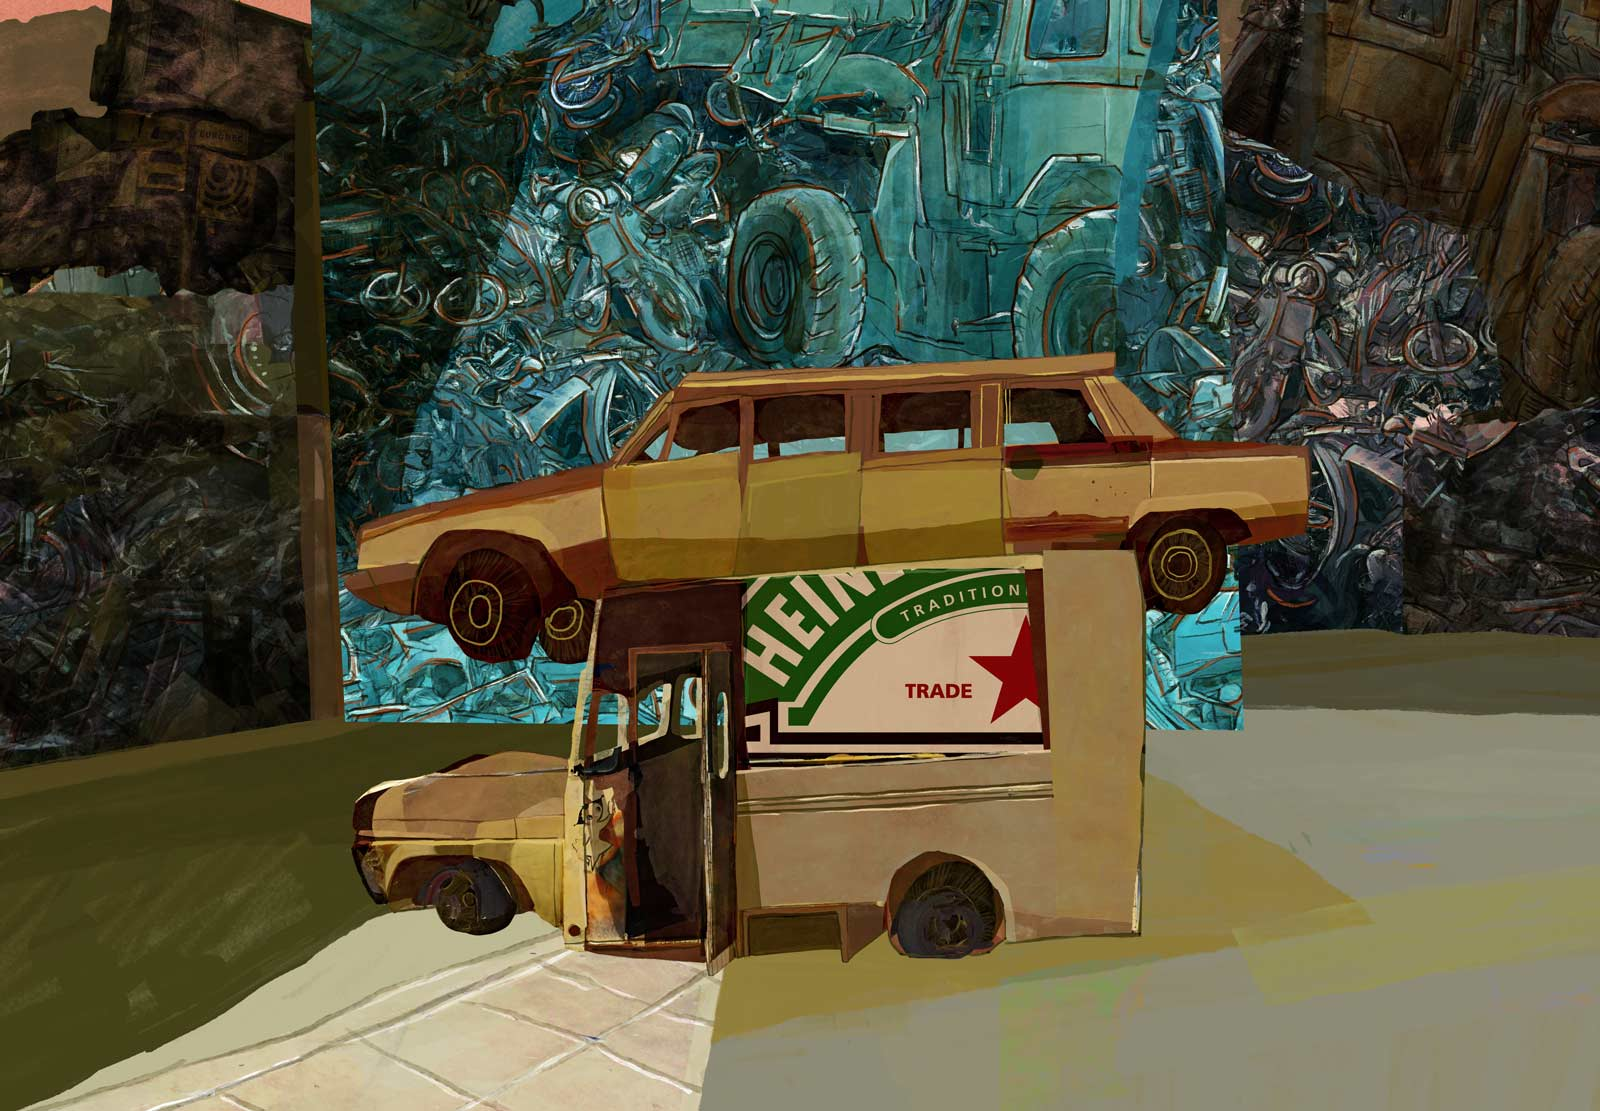 """Mario Jodra illustration Art - The Automobile Graveyard (""""Cementerio de Automóviles"""", """"Le cimetière des voitures"""") by Fernando Arrabal"""